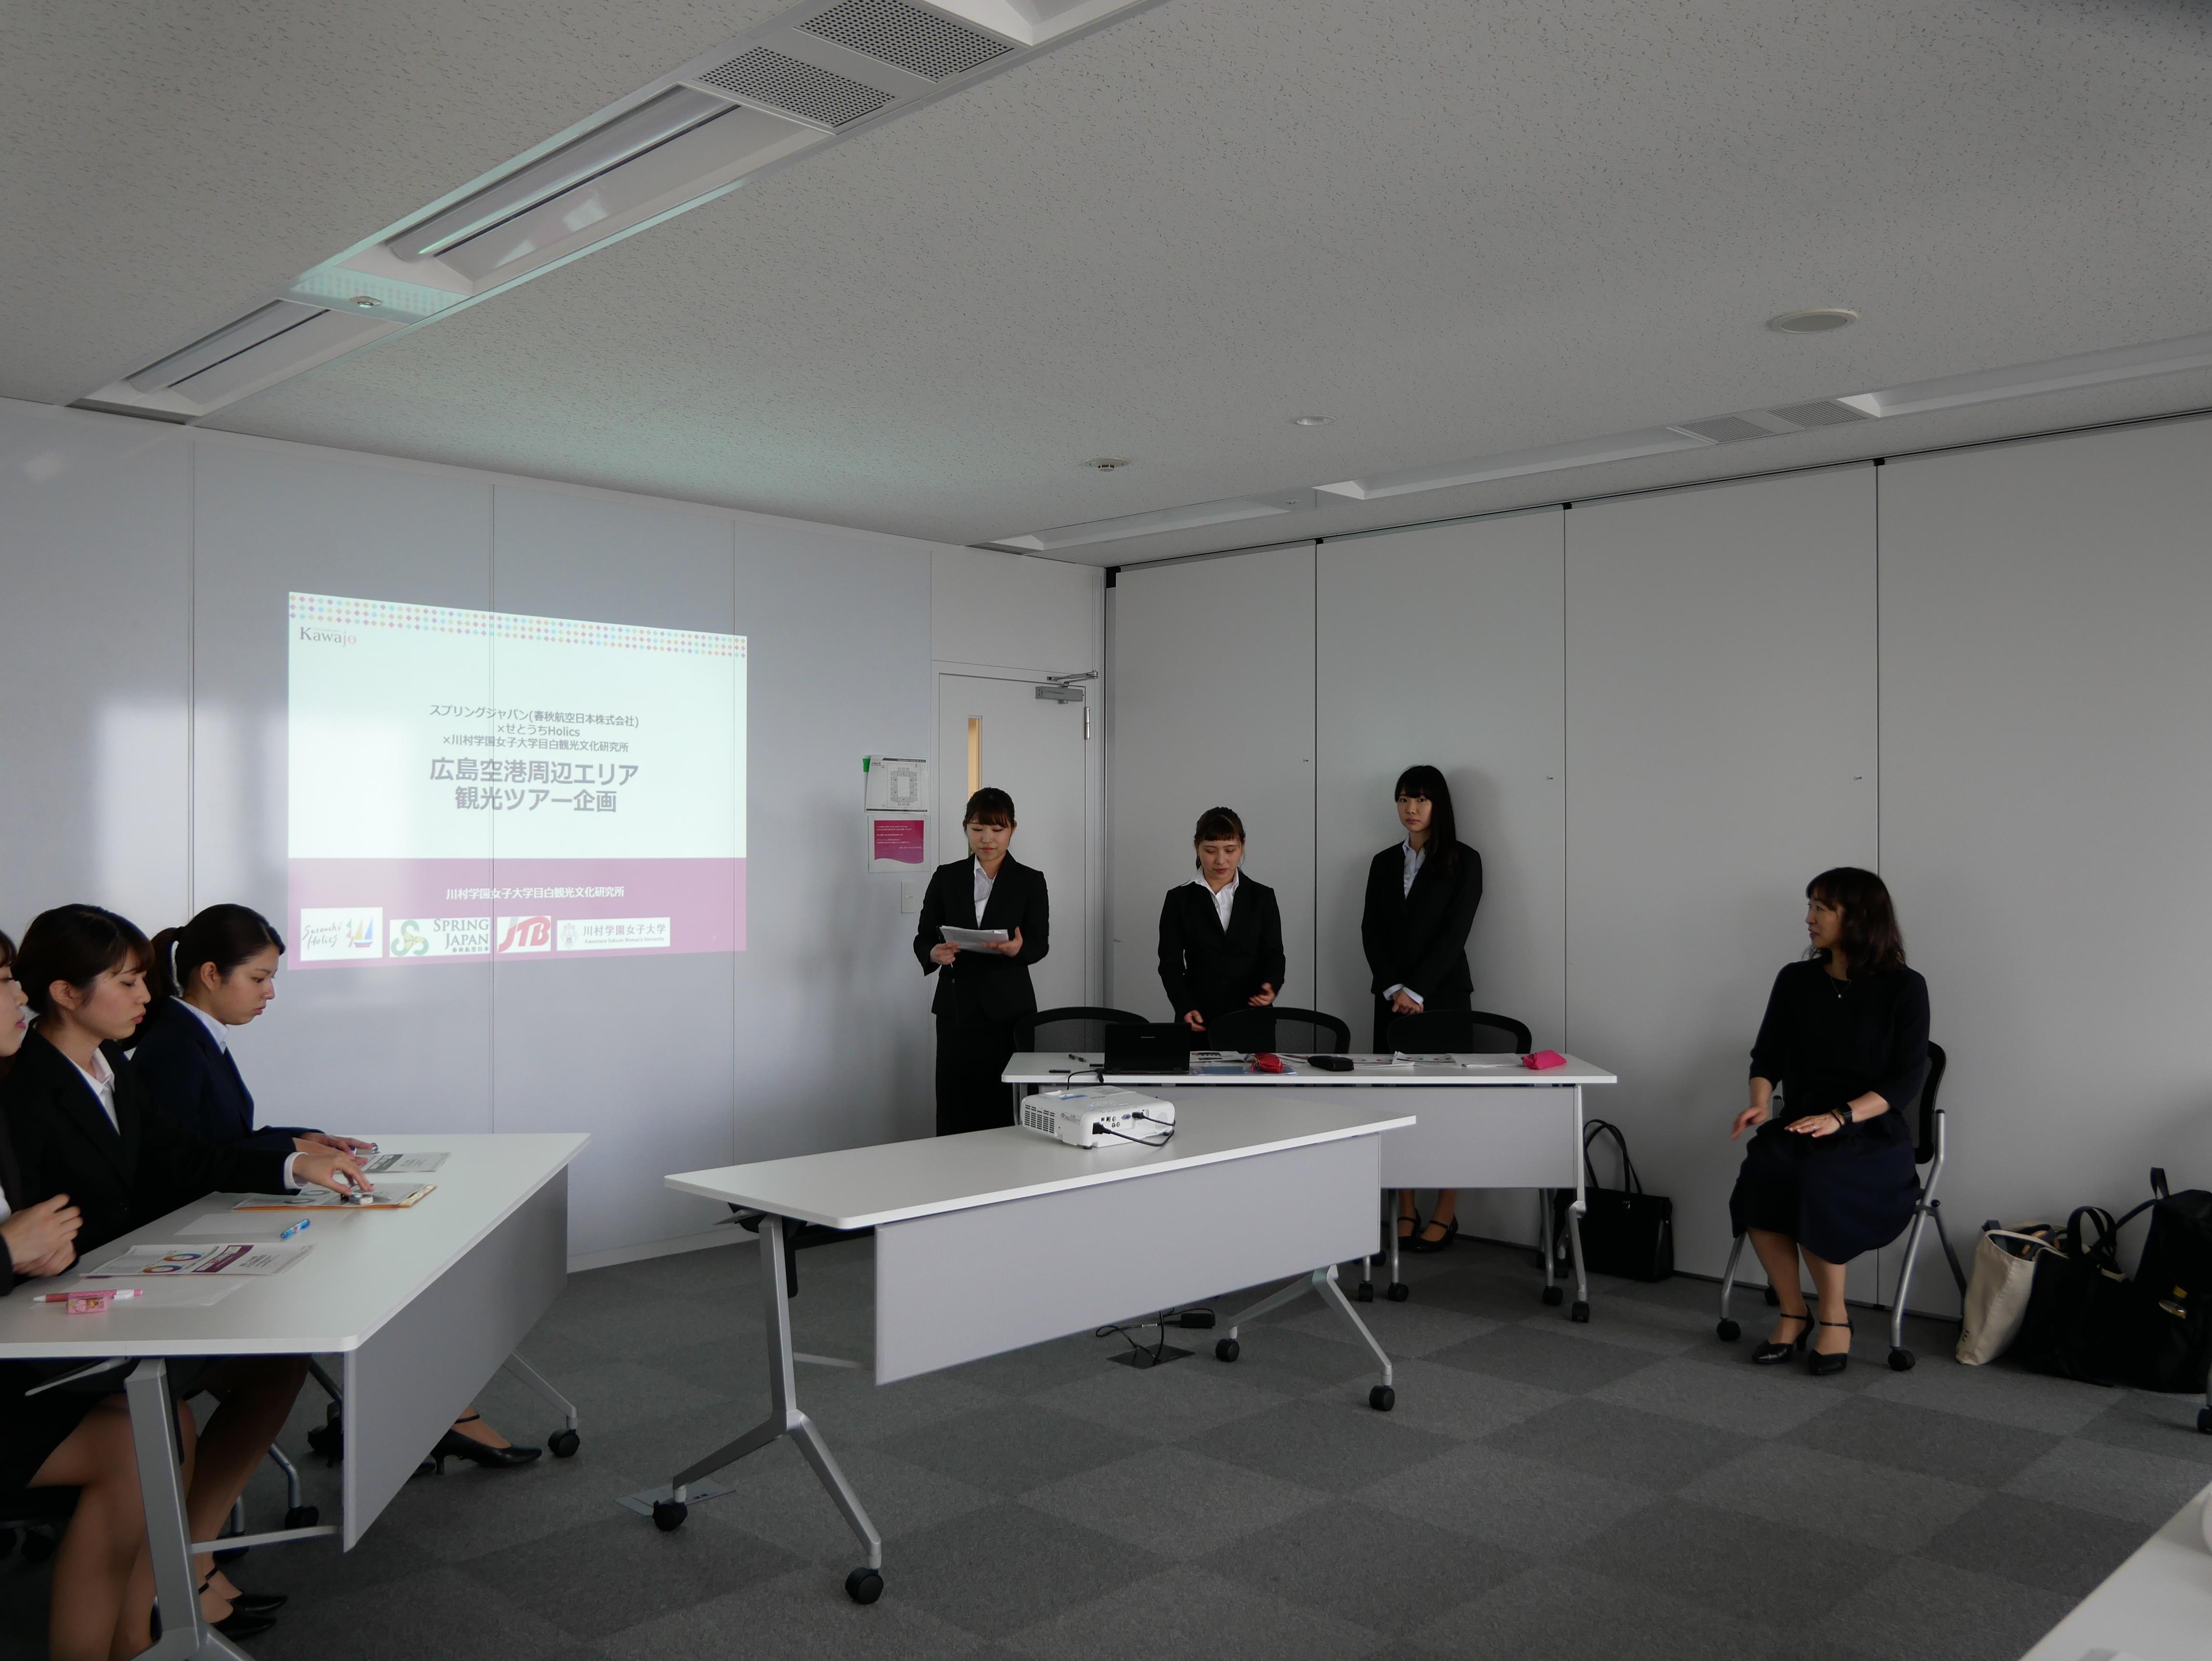 川村学園女子大学×春秋航空日本株式会社が、「『#じゃない広島』の旅」ツアーをプロデュース!産学連携の新しい試みが、9月21日より限定企画としてJTBウェブサイトにて販売開始決定!